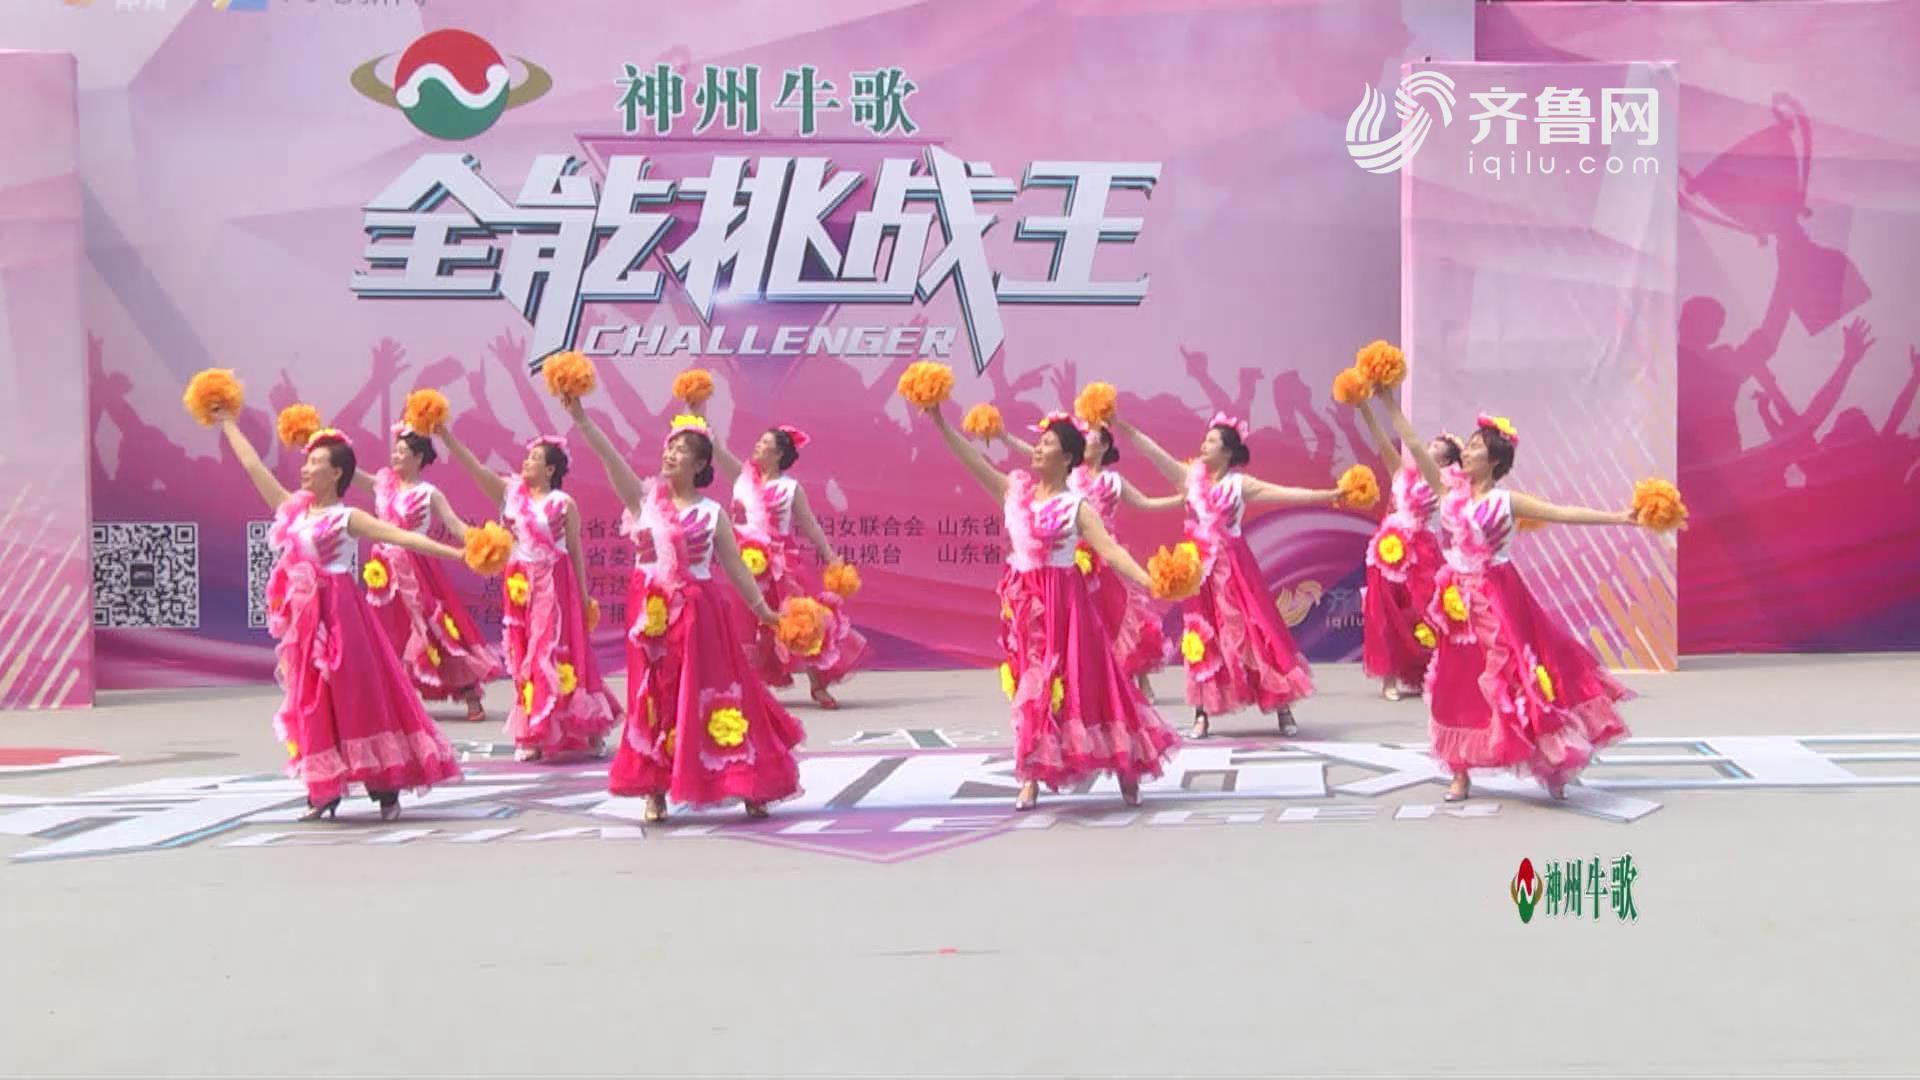 《全能挑战王》潍坊市京昆艺术团表演《祝福祖国》